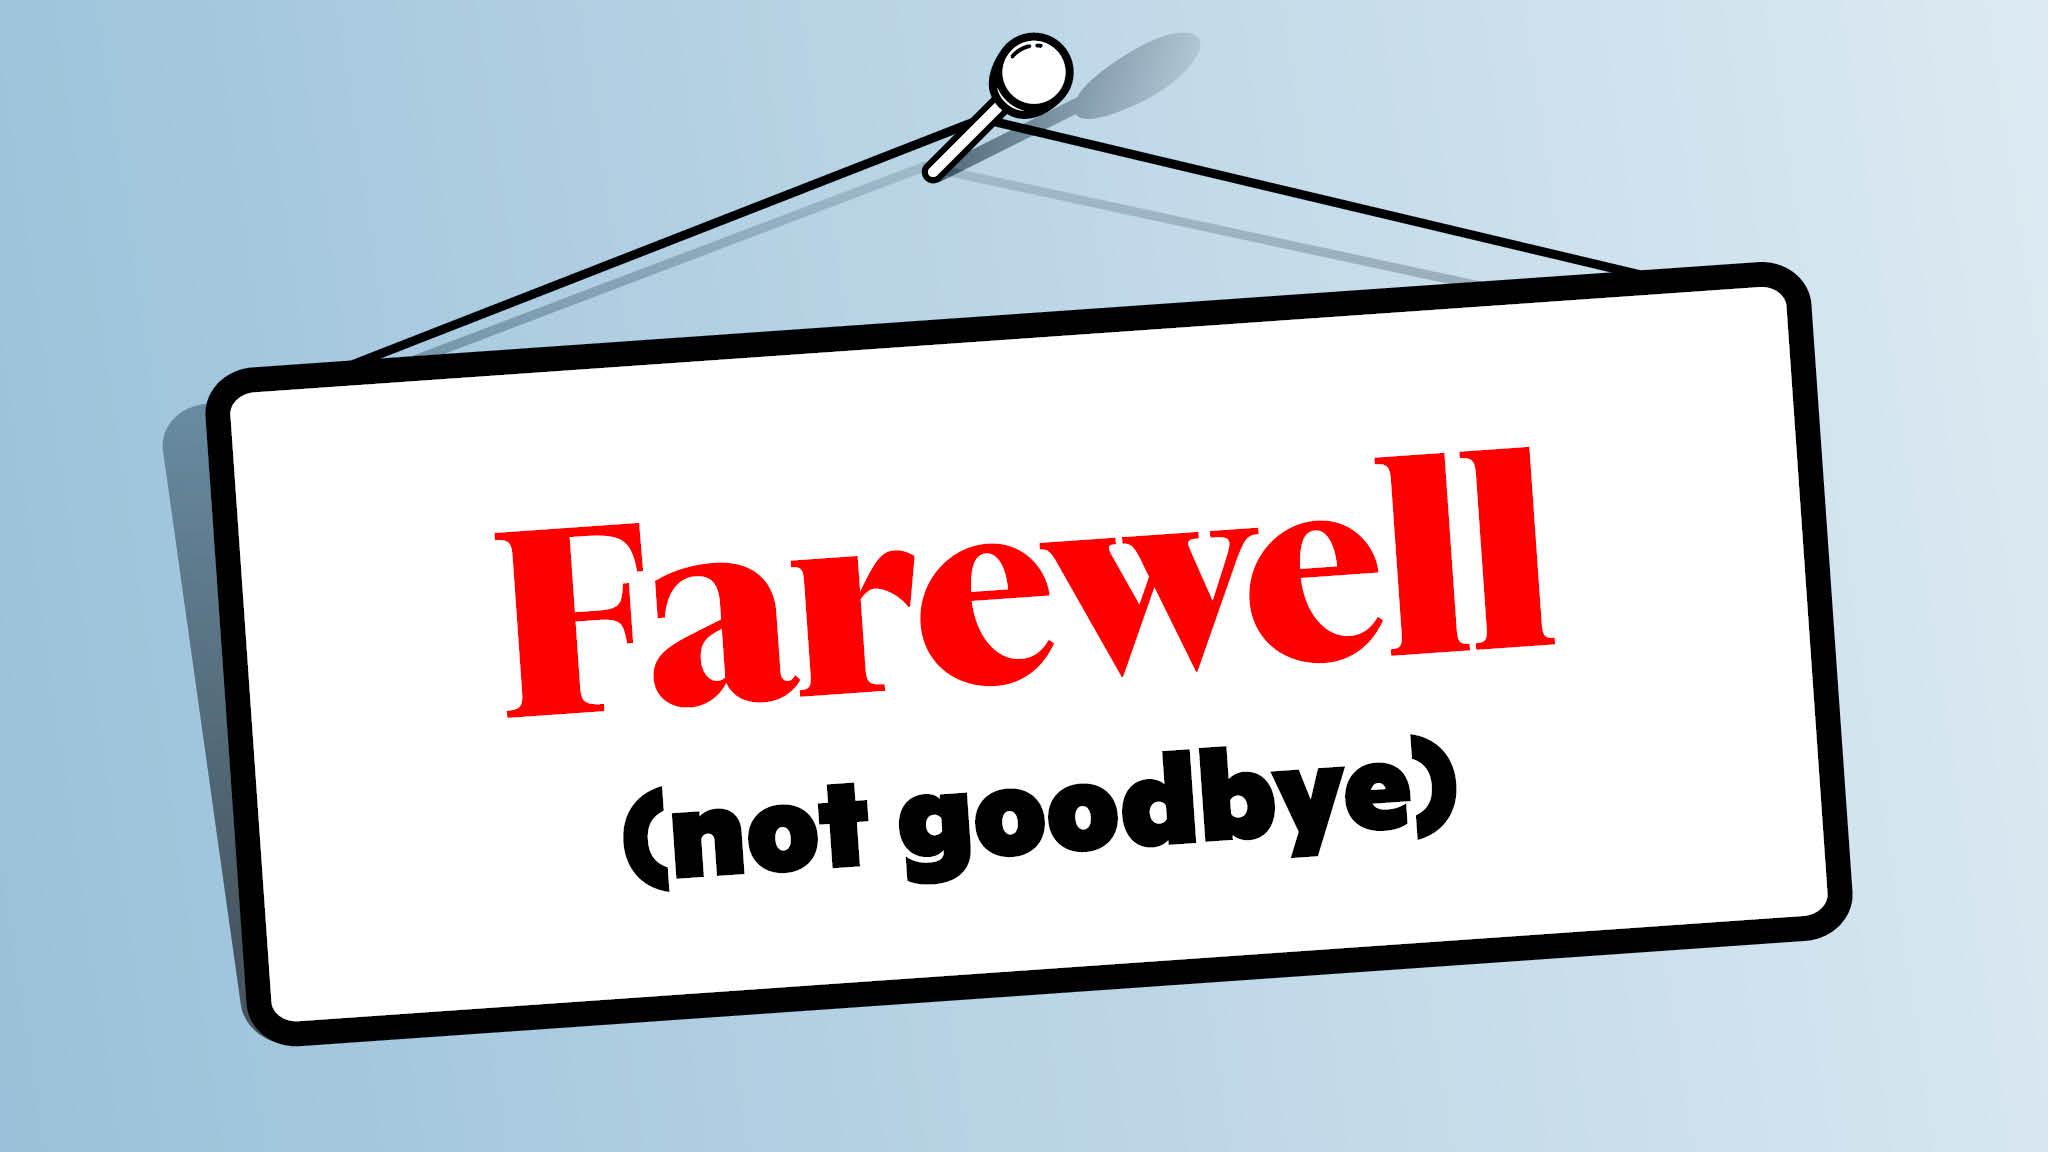 Farewell no longer scares me